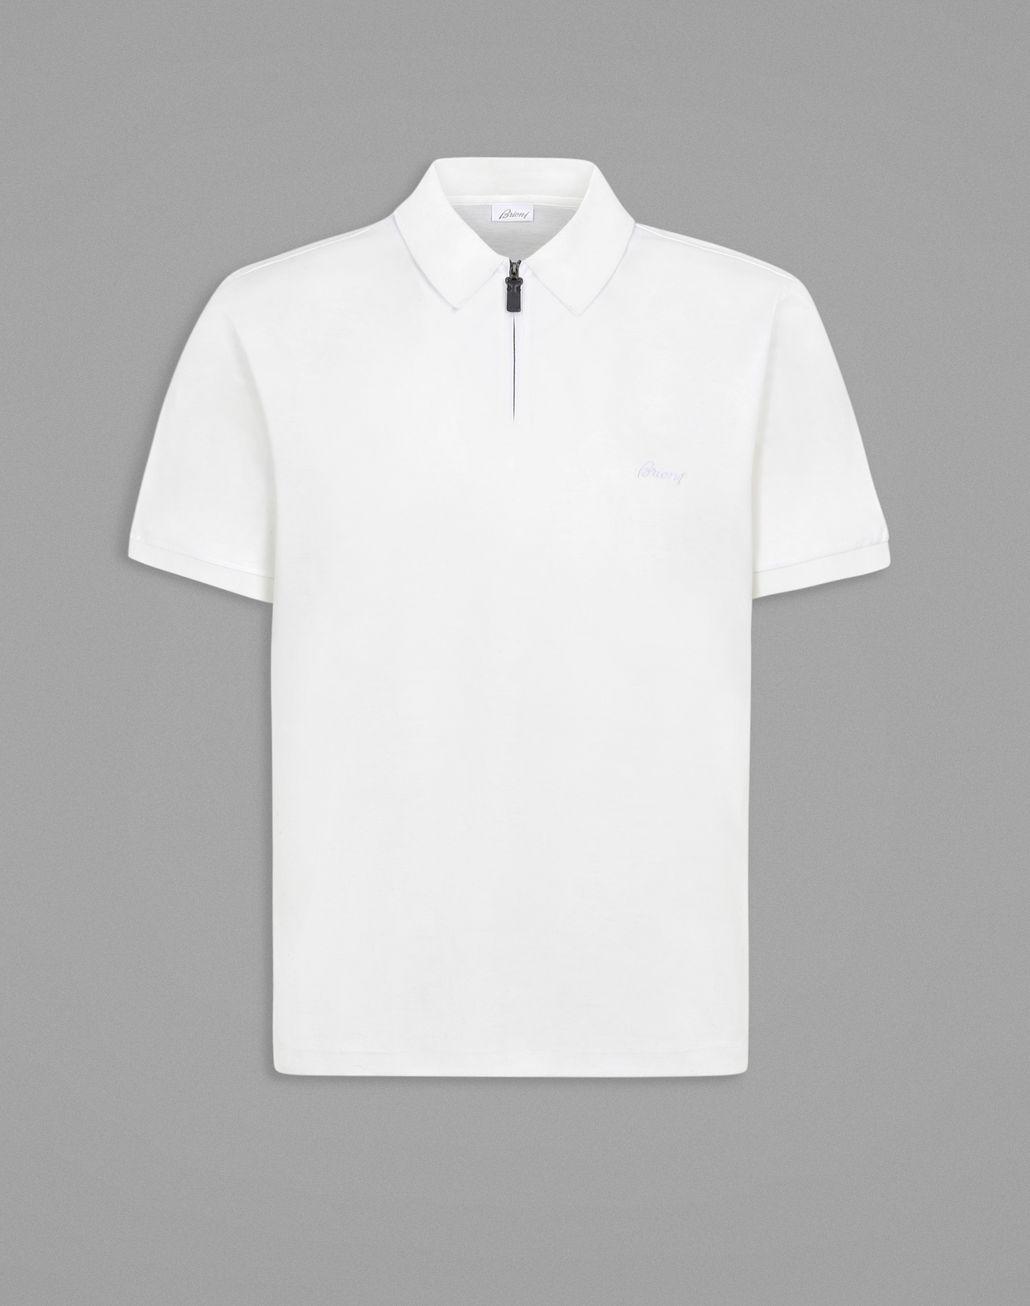 BRIONI White Polo T-Shirt T-Shirts & Polos Man f